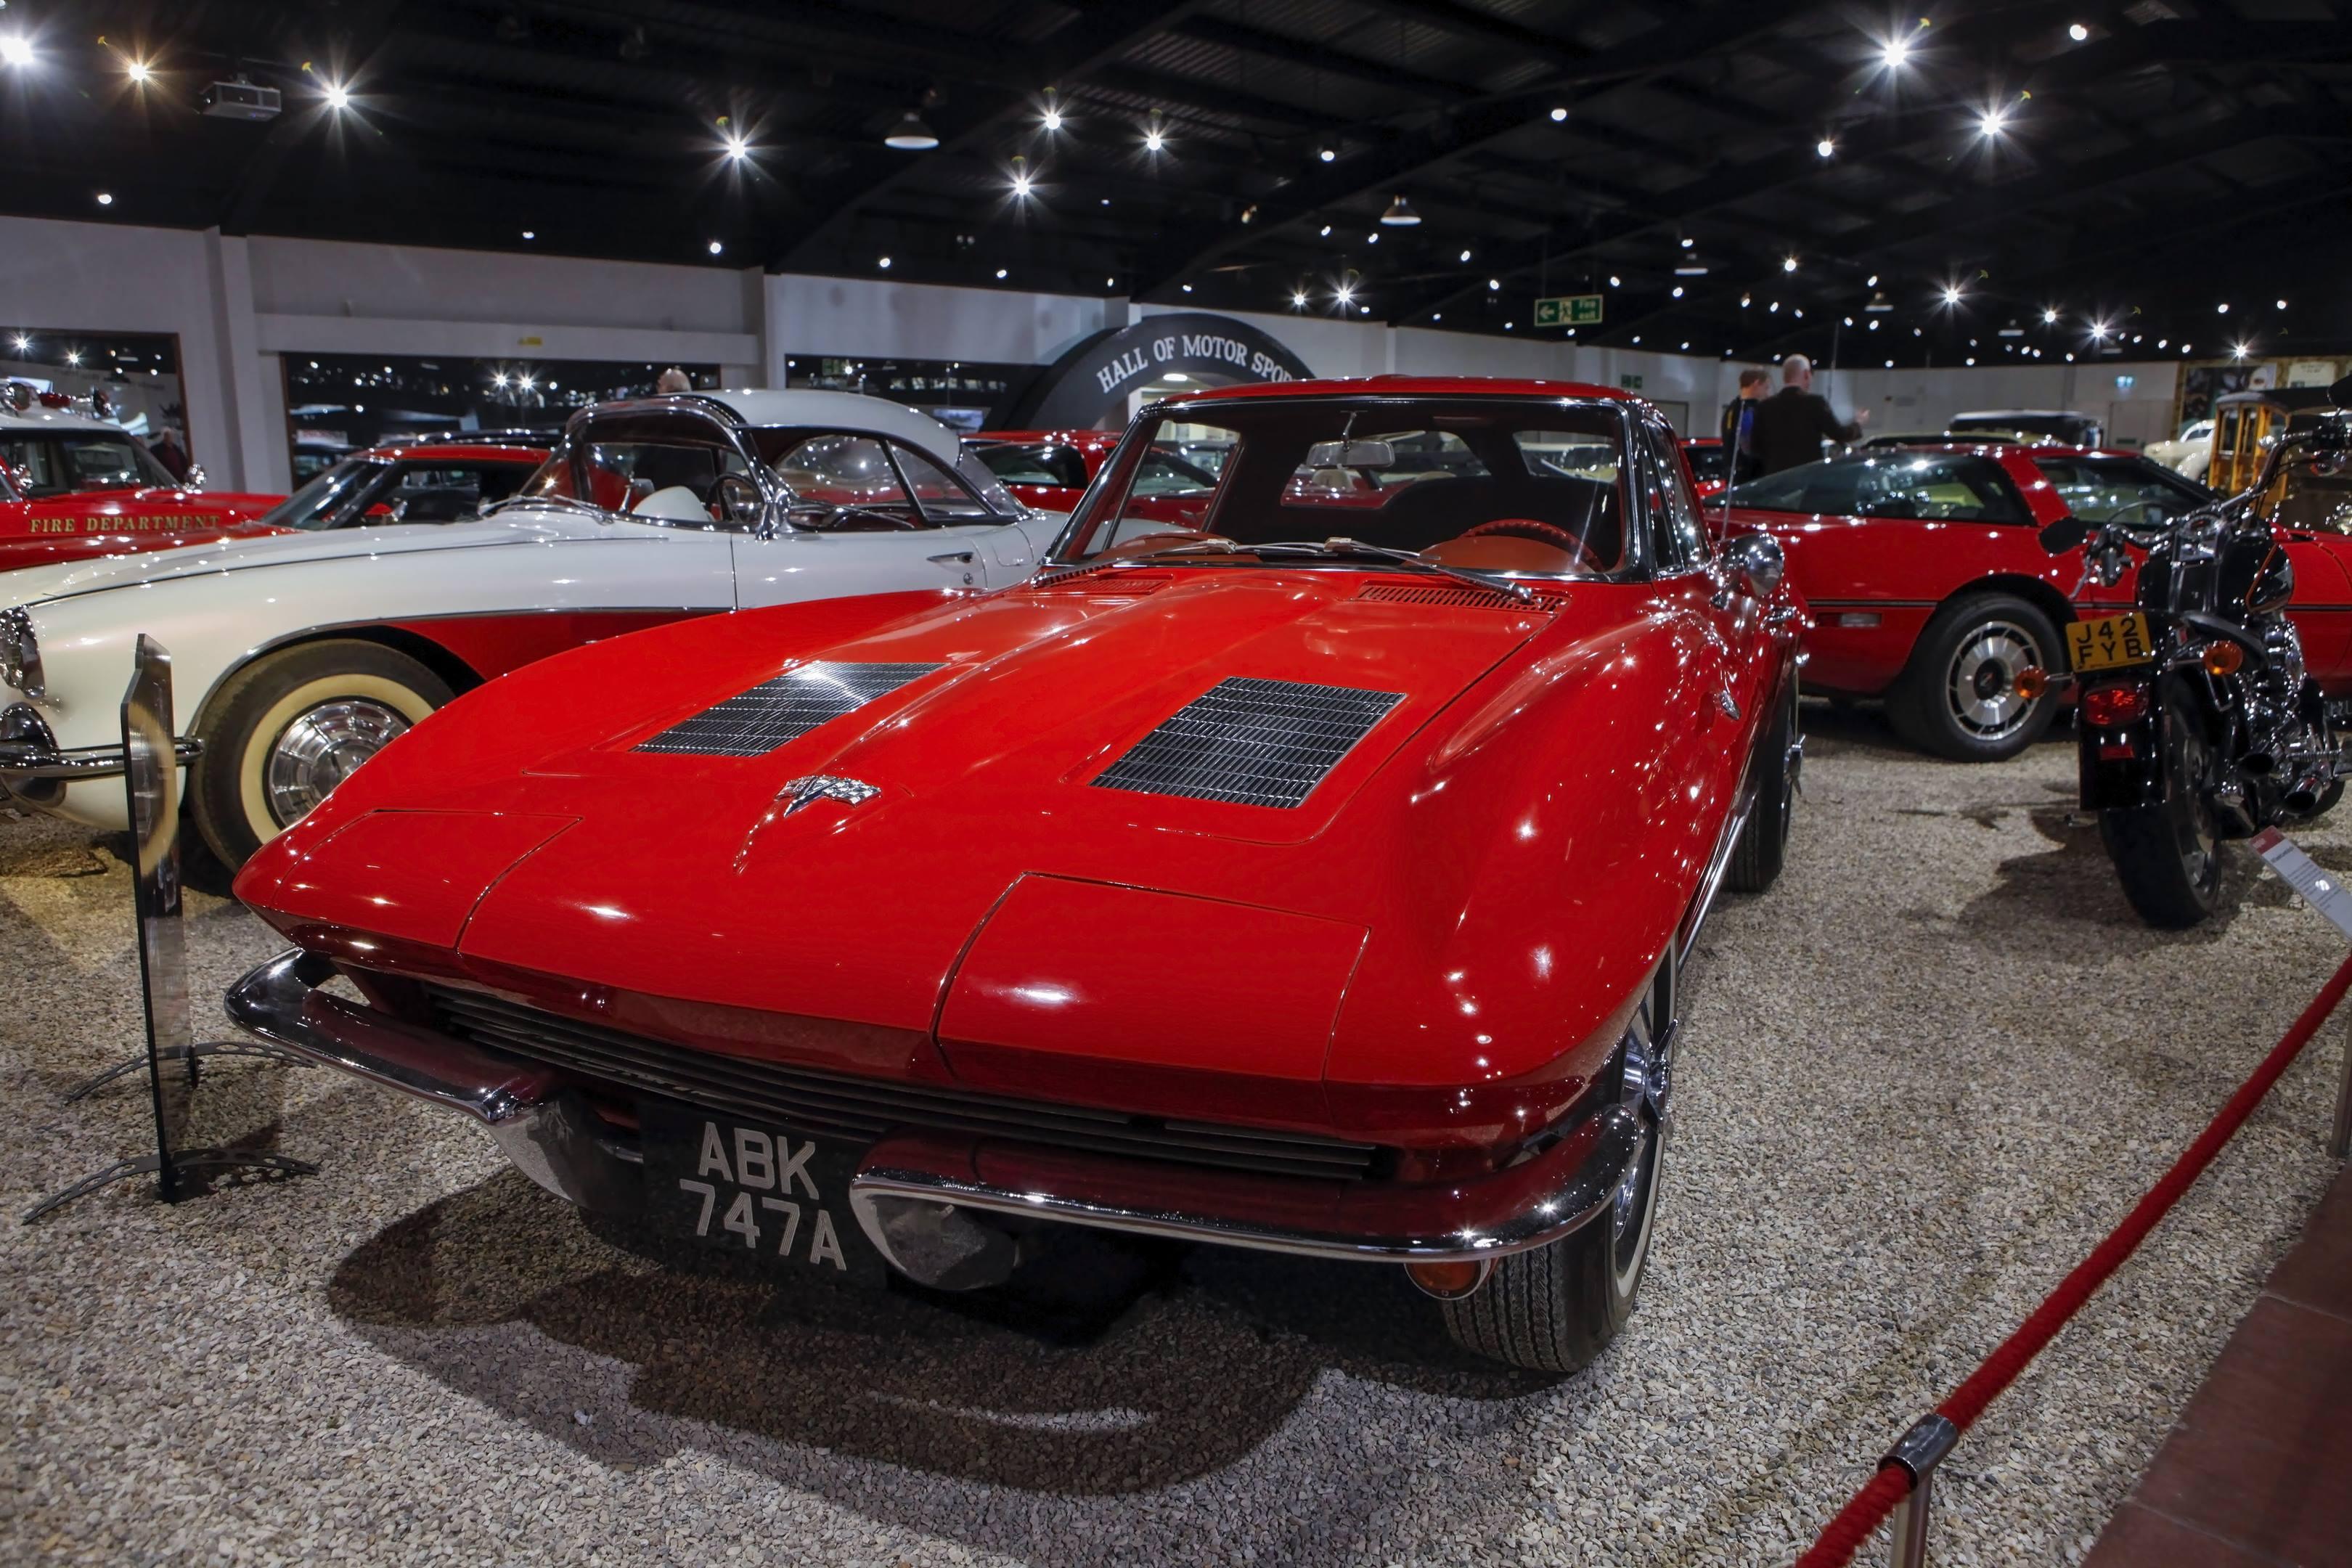 1963 Stingrag Chevrolet Corvette in the Haynes International Motor Museum